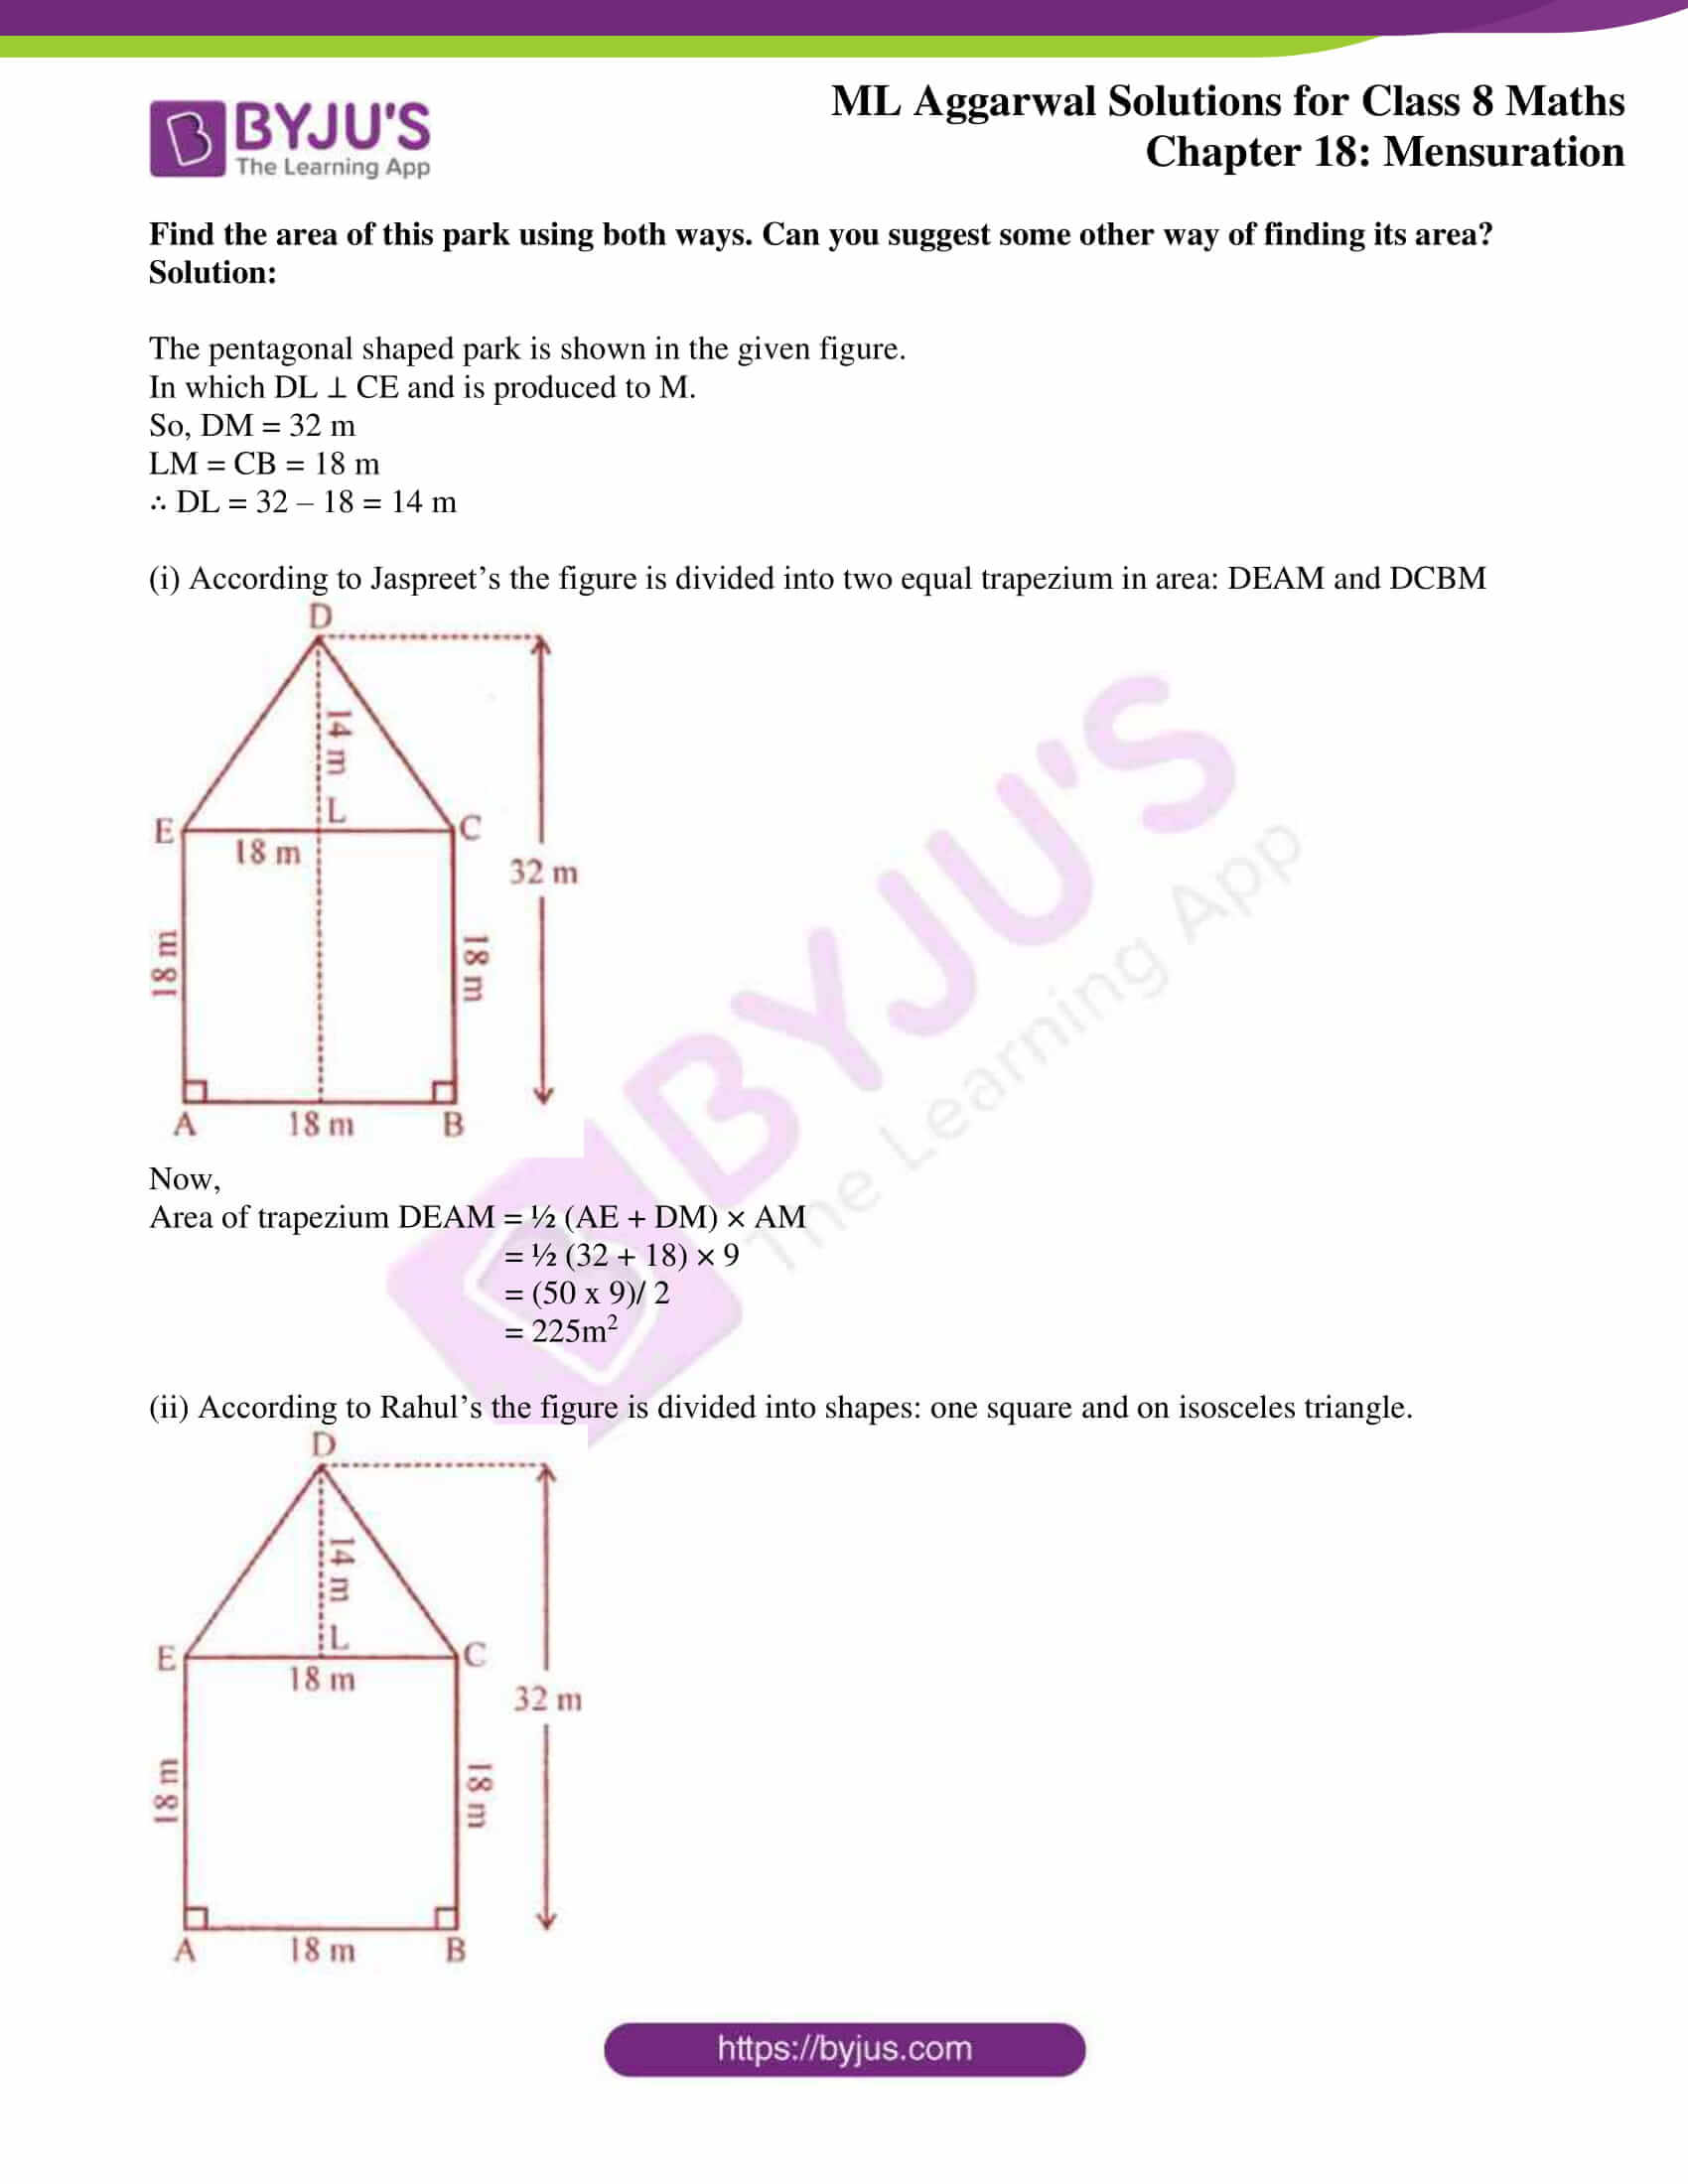 ml aggarwal sol mathematics class 8 ch 18 16